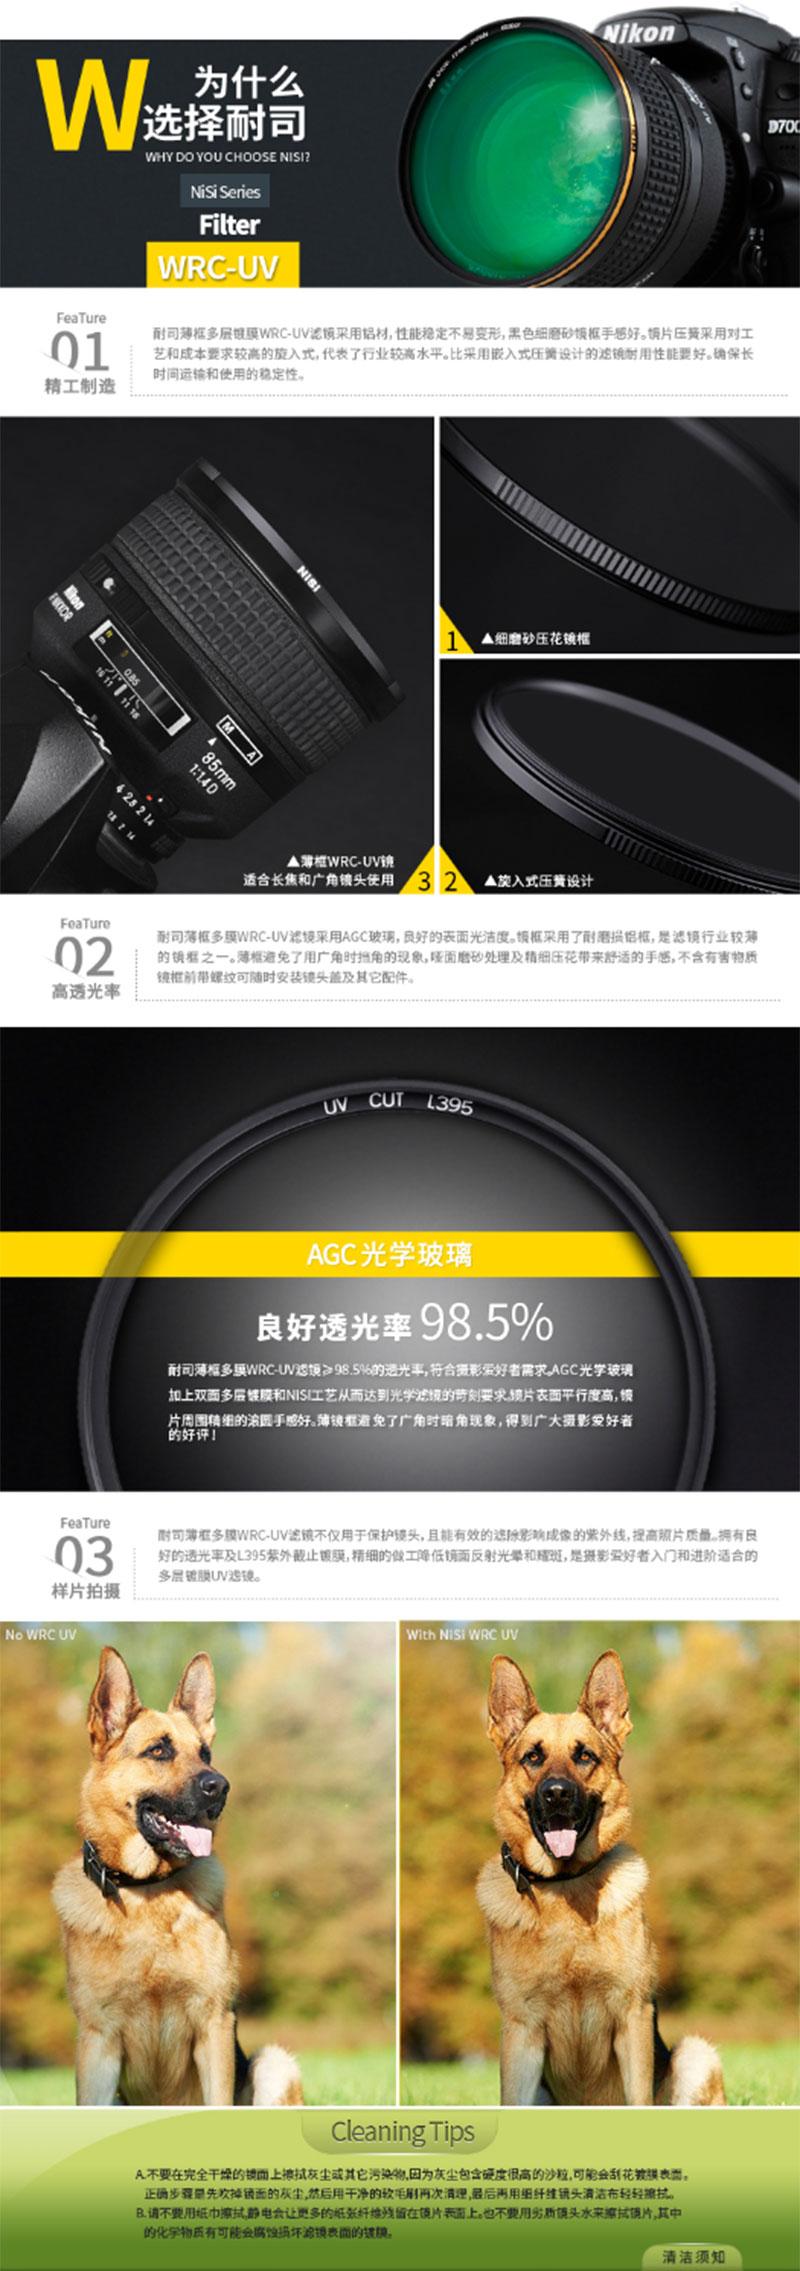 耐司(NiSi)WRC UV 67mm L395紫外截止 防水单反相机镜头 保护滤镜